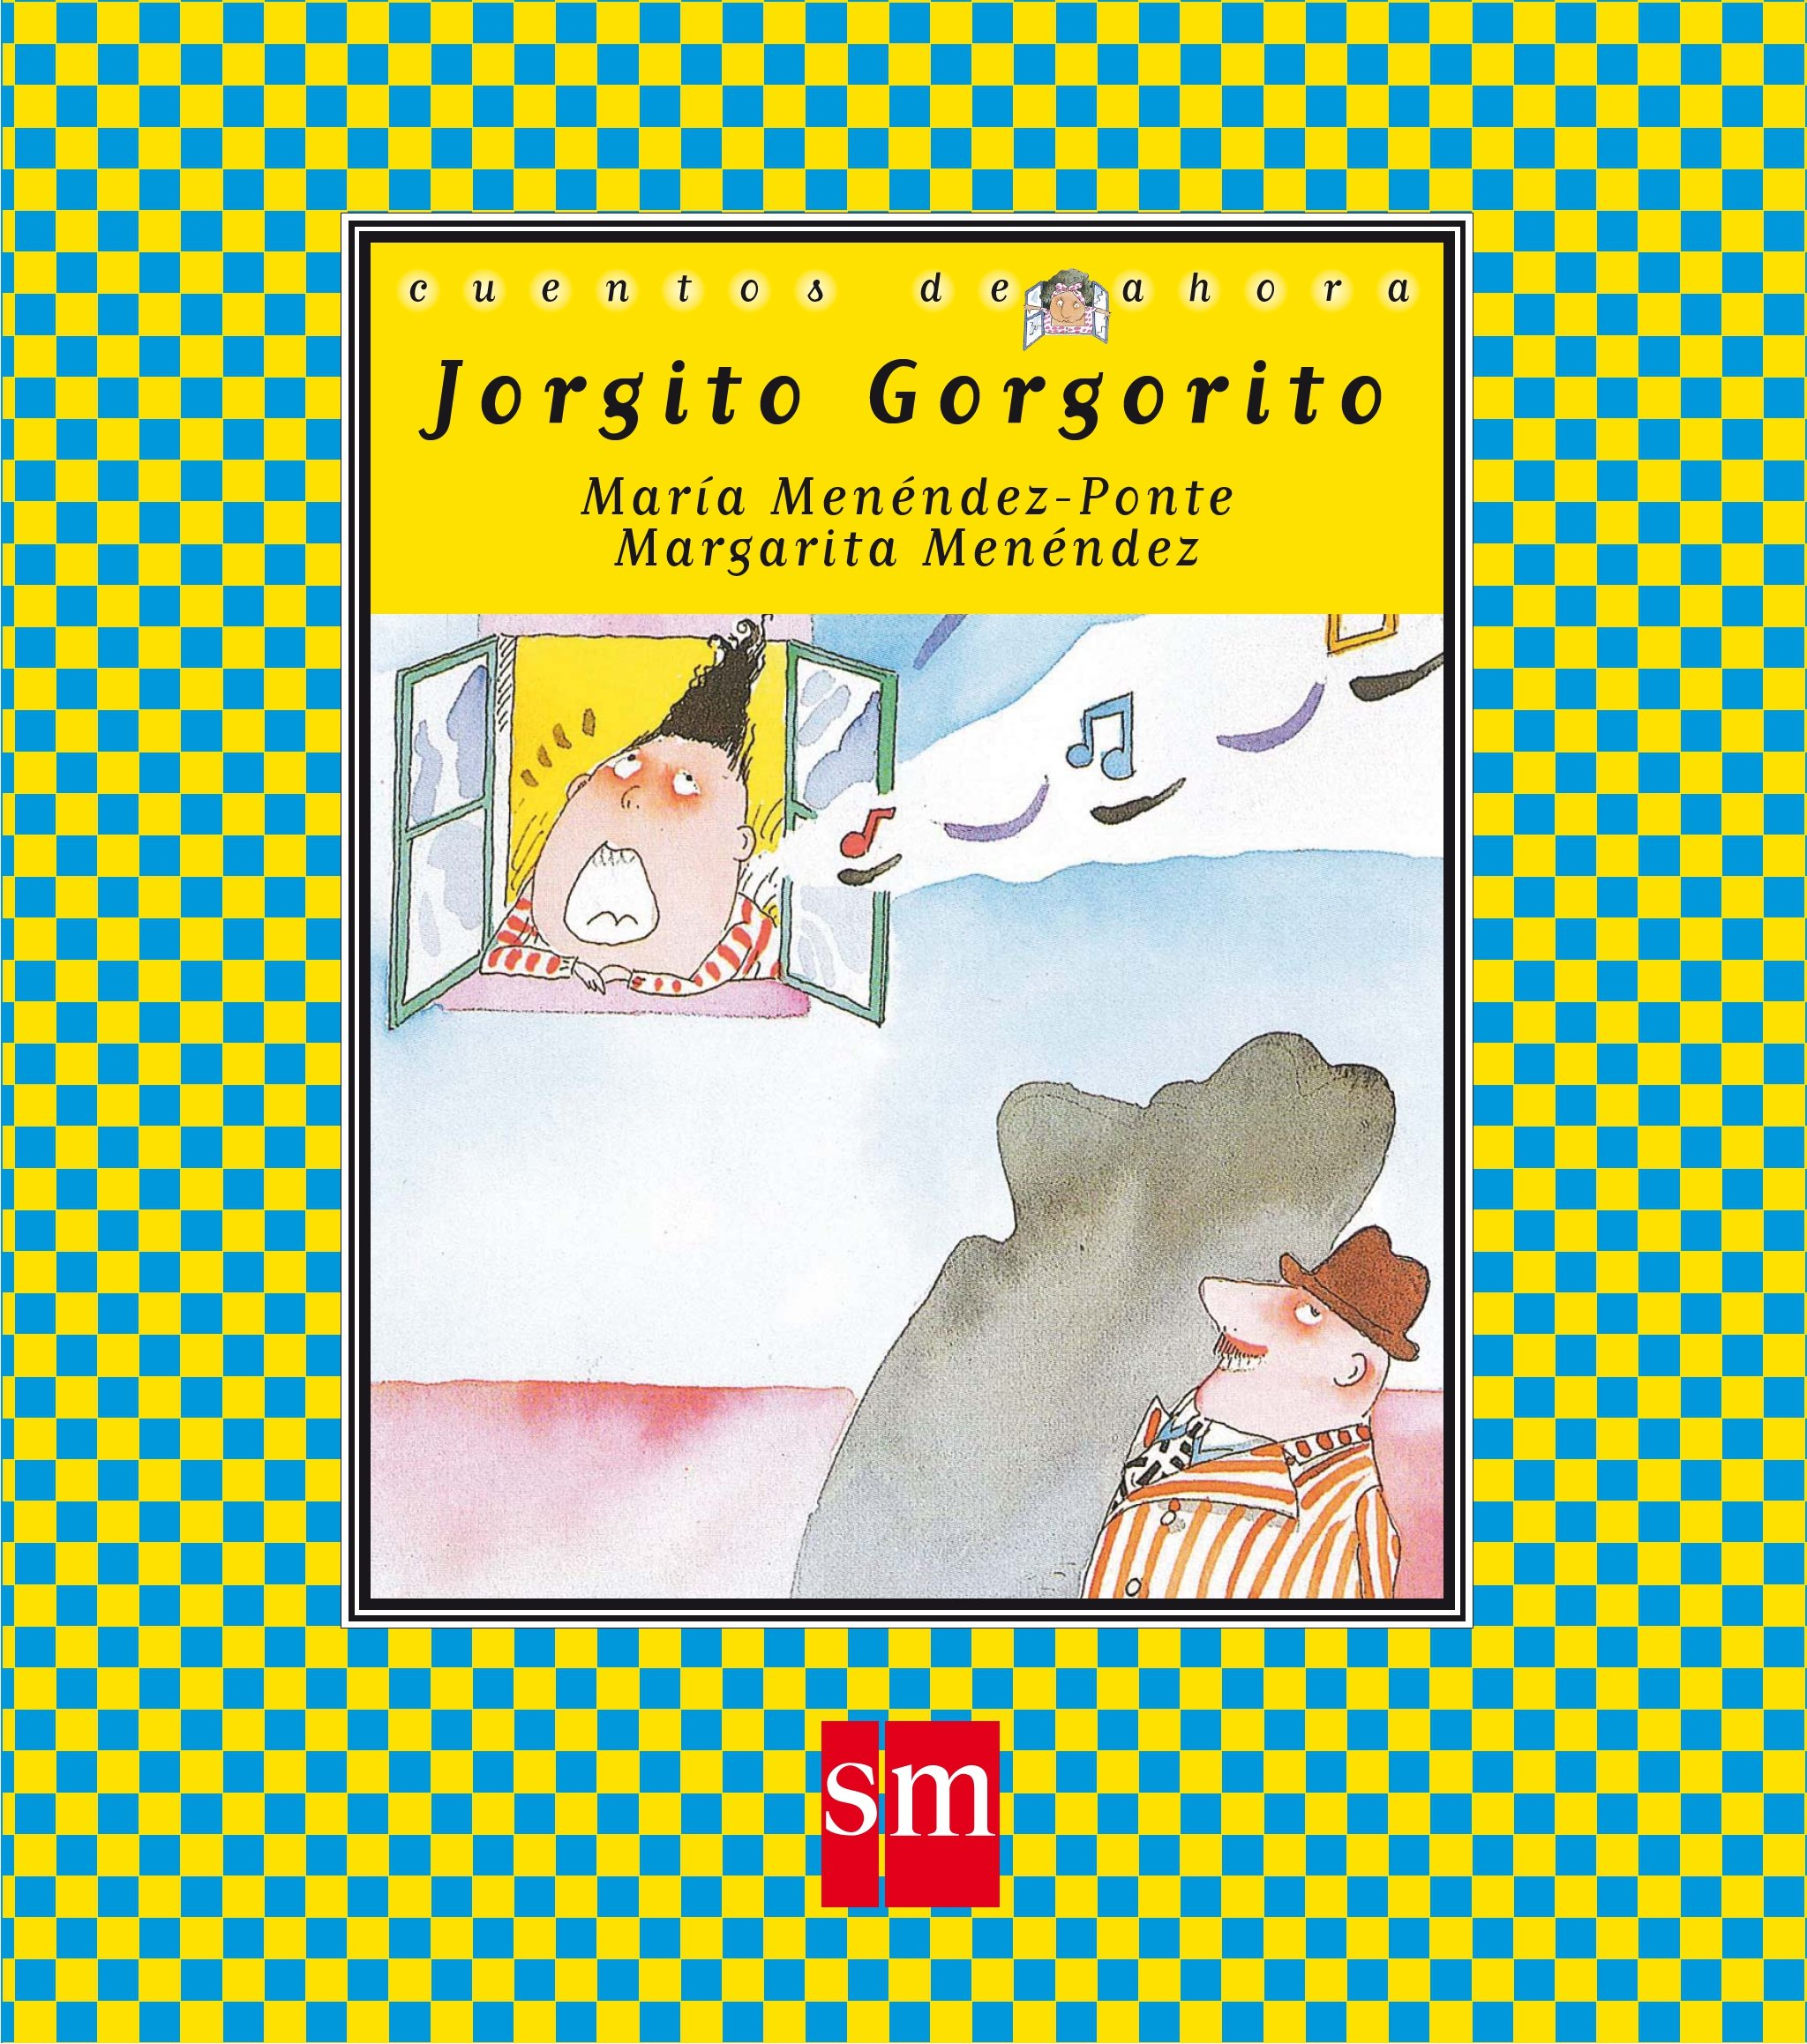 Jorgito Gorgorito (Cuentos de ahora): Amazon.es: María Menéndez ...